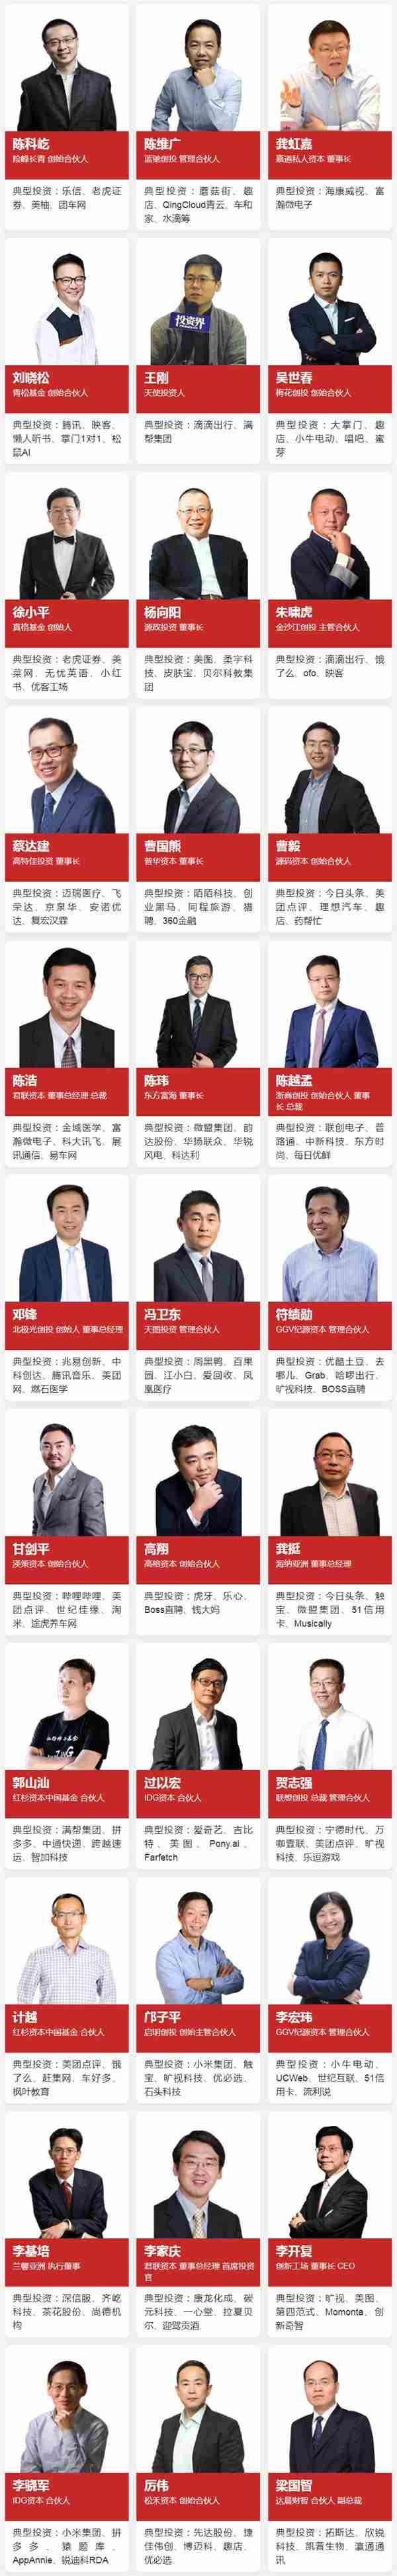 重磅!2019「投资界TOP100」投资人榜单发布